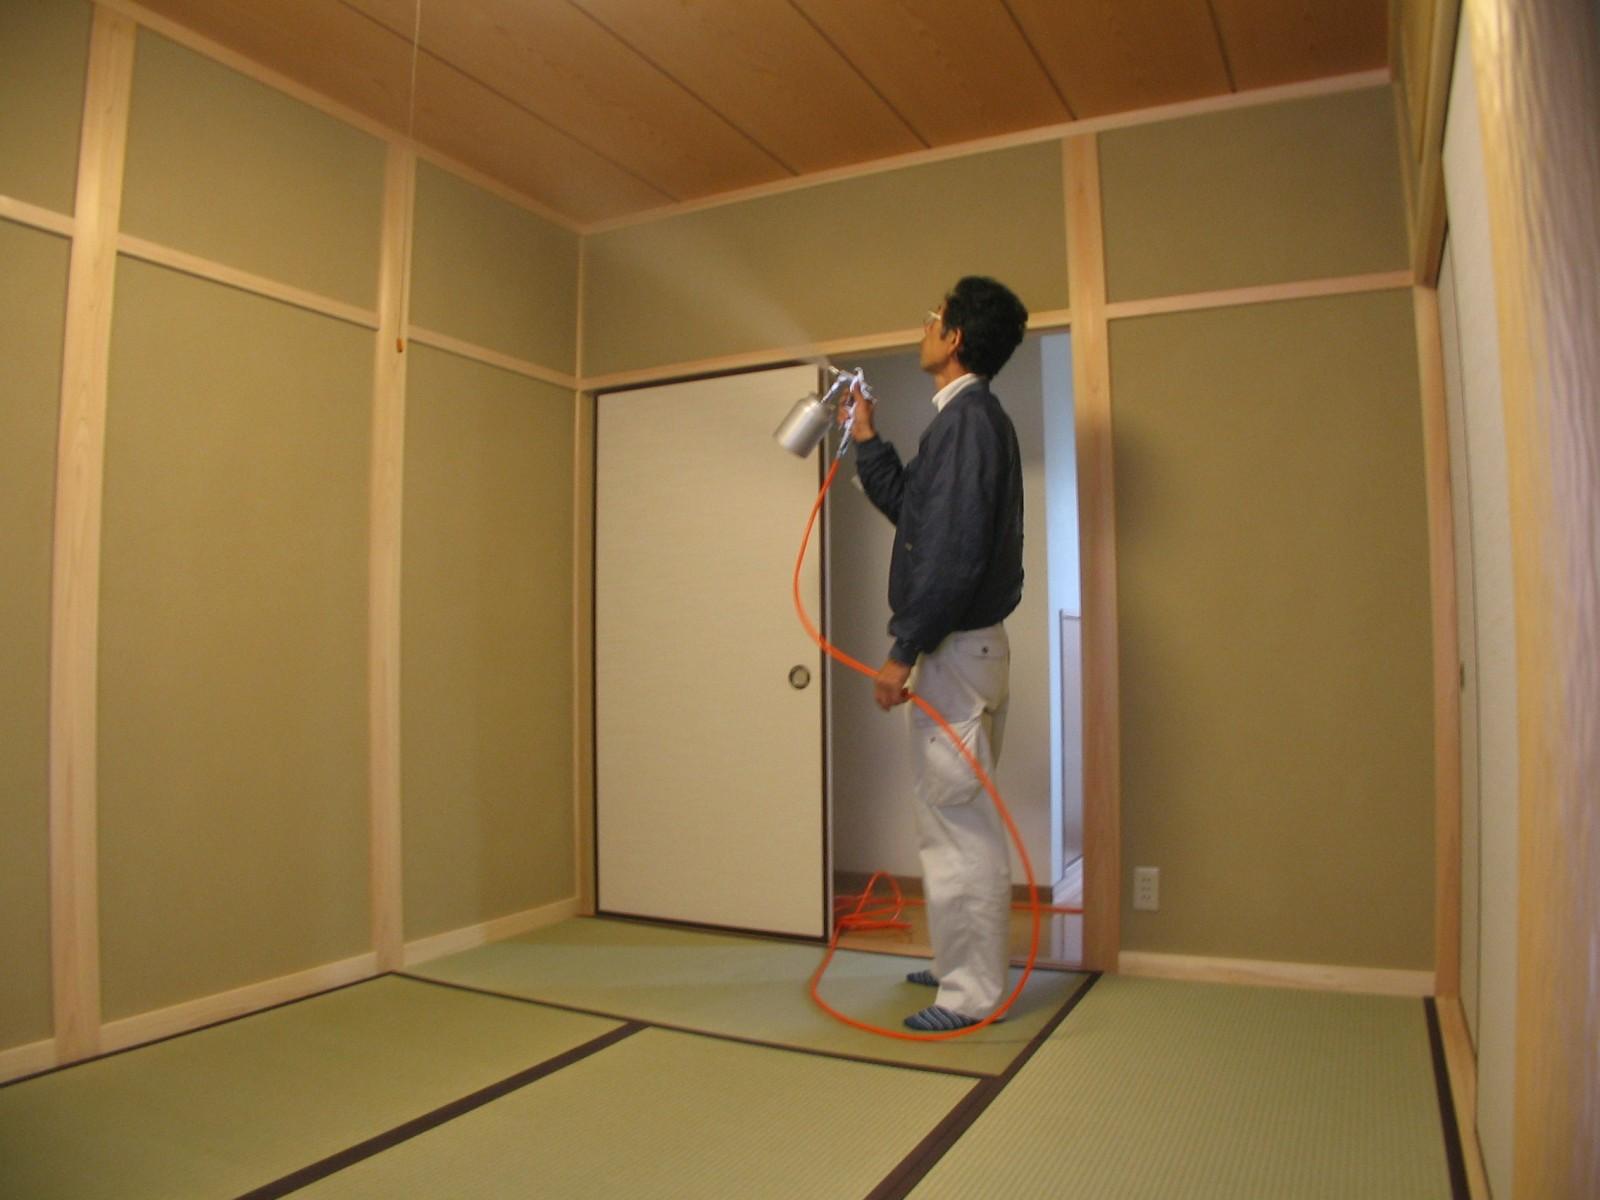 SODリキッドは人体に無害な上、色付きもありませんので家具やカーテン、畳等に直接吹き付けることができます。室内の家具移動等一切必要ありませんので、施工はとっても手軽で簡単です。